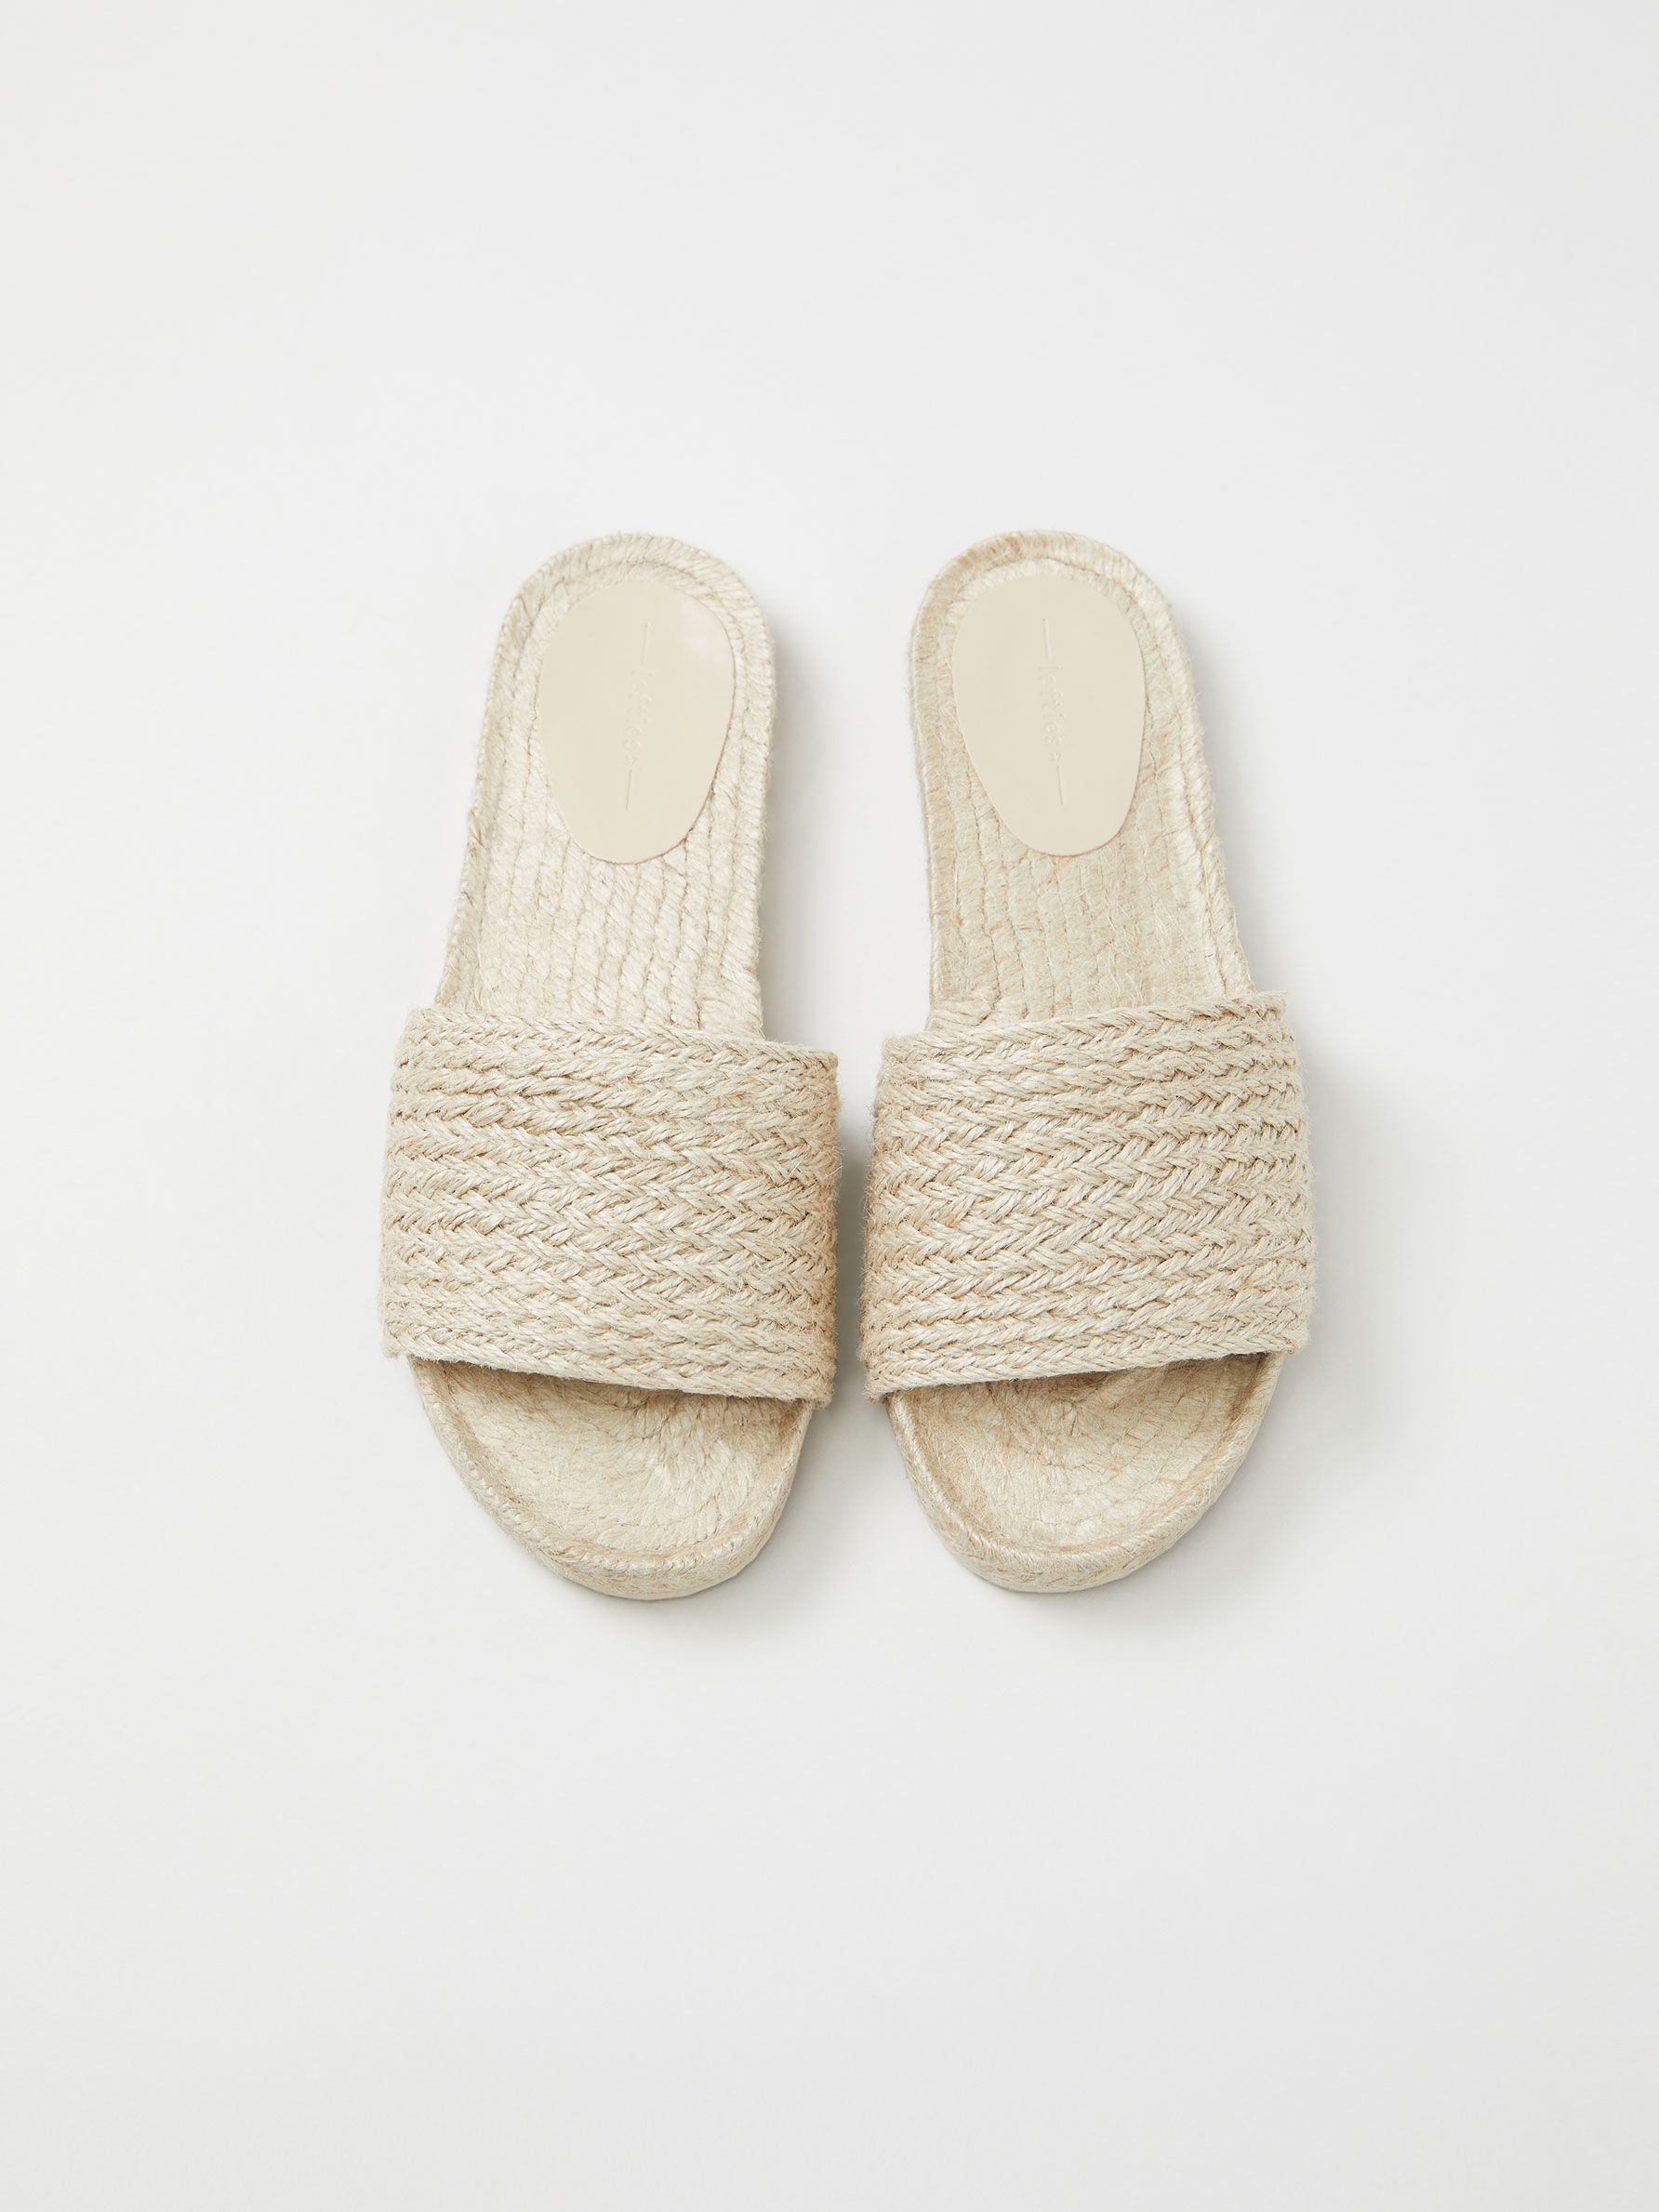 Las 6 sandalias planas de Lefties más cómodas, bonitas y baratas del verano